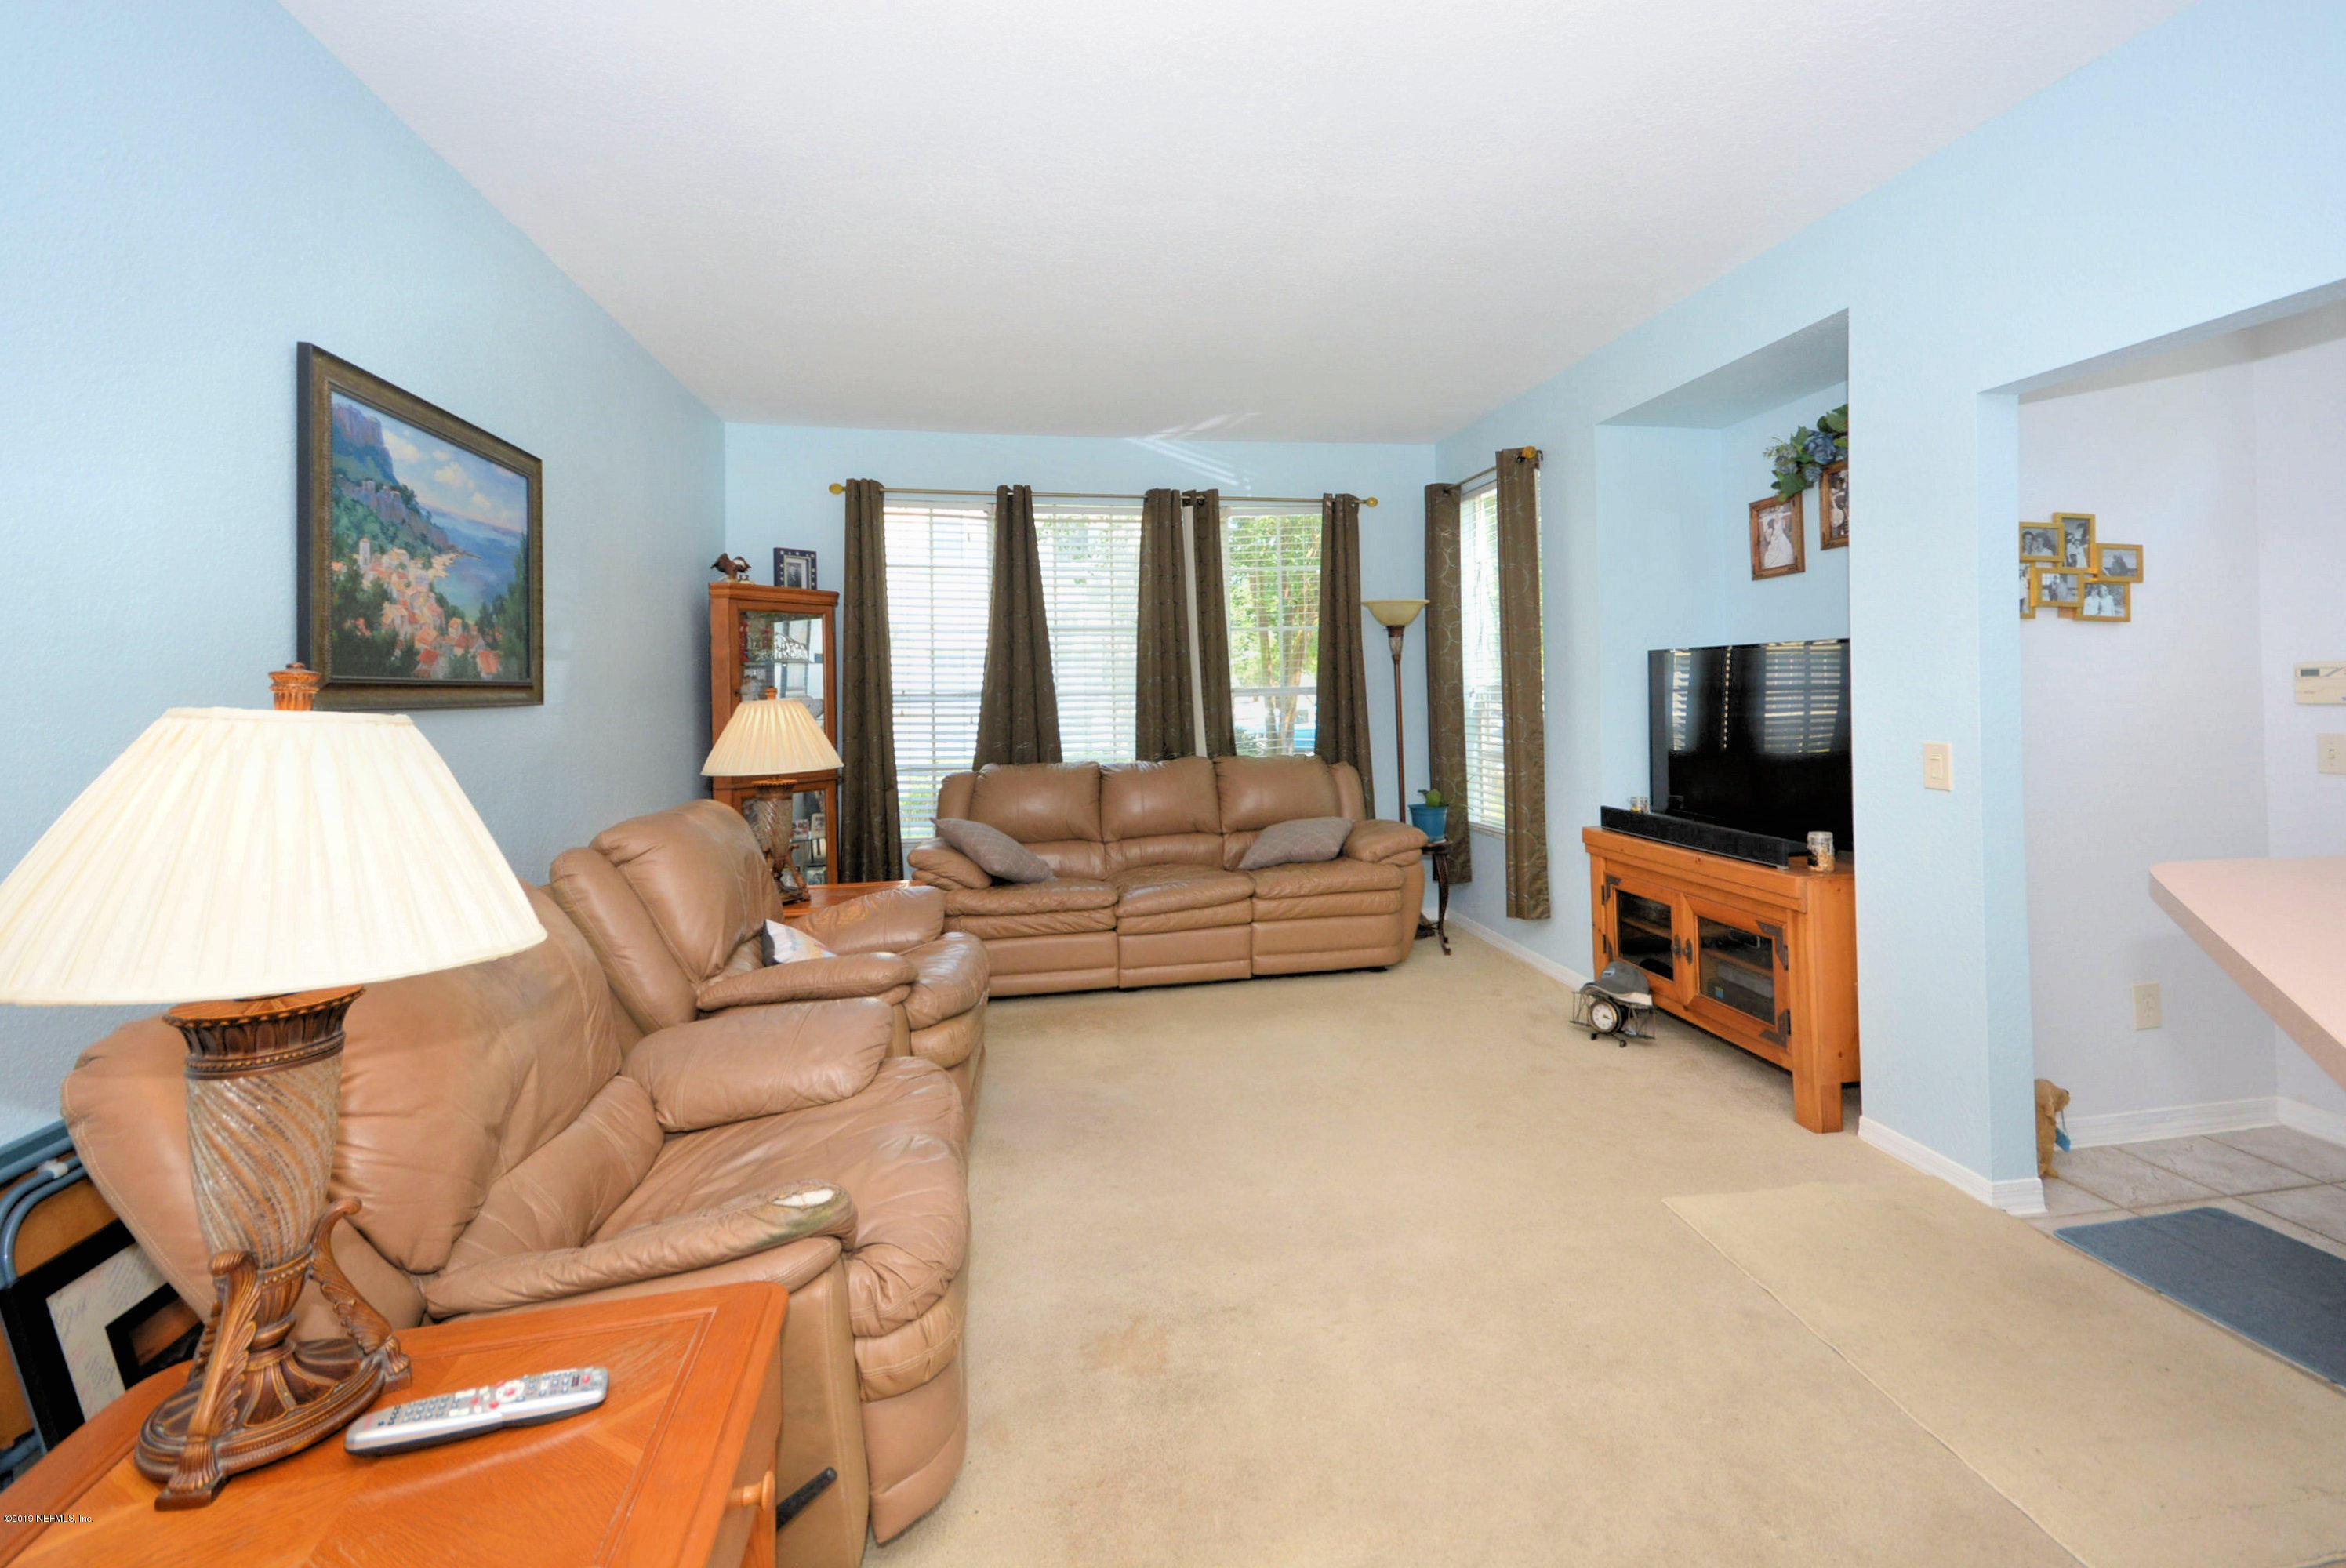 13700 RICHMOND PARK, JACKSONVILLE, FLORIDA 32224, 2 Bedrooms Bedrooms, ,2 BathroomsBathrooms,Condo,For sale,RICHMOND PARK,998352